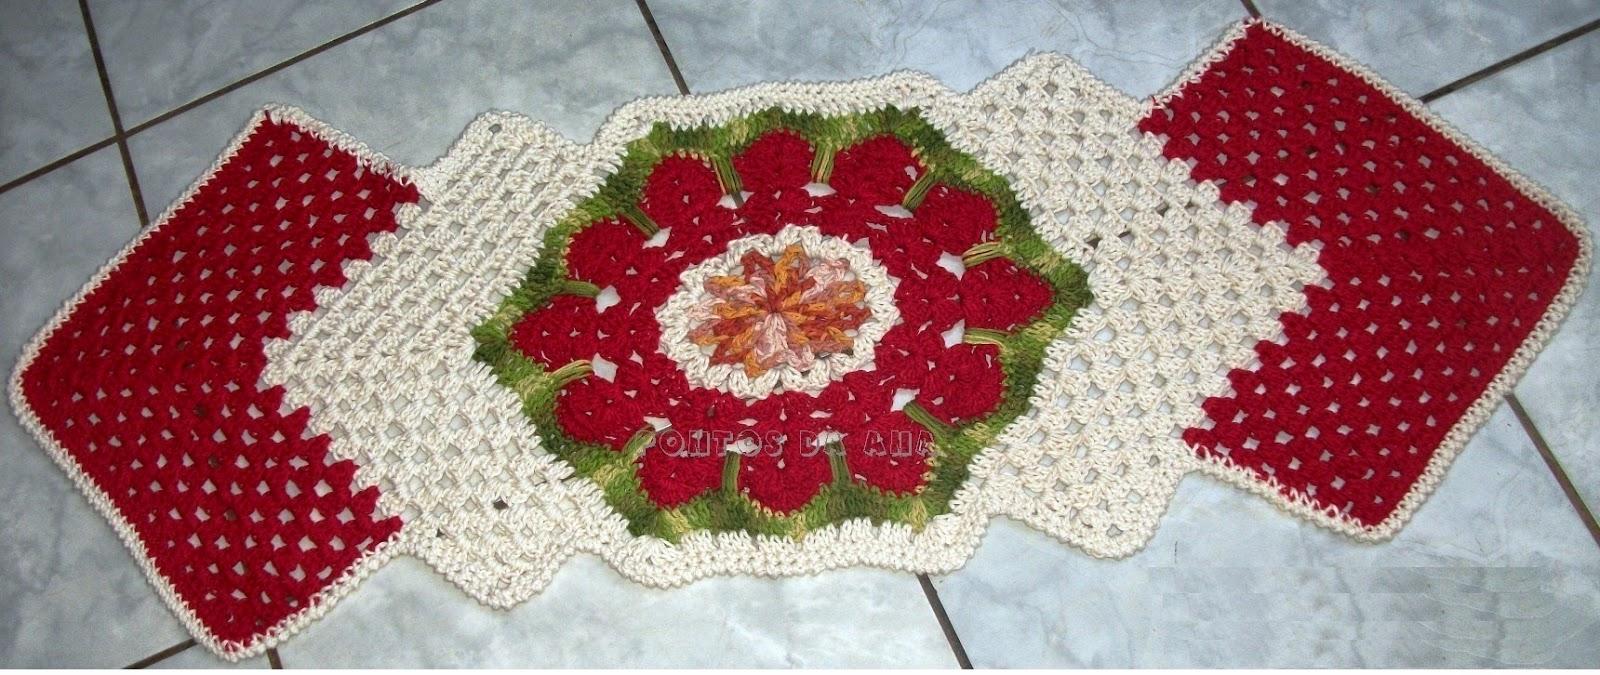 Pontos Da Ana Crochet Flower Motif Motivos Hexagonales Pinterest Aqui Voc Pode Ver O Original E Os Que A Vera Fez Tambm Postou Em Seu Blog Russo Onde Encontrei Grfico